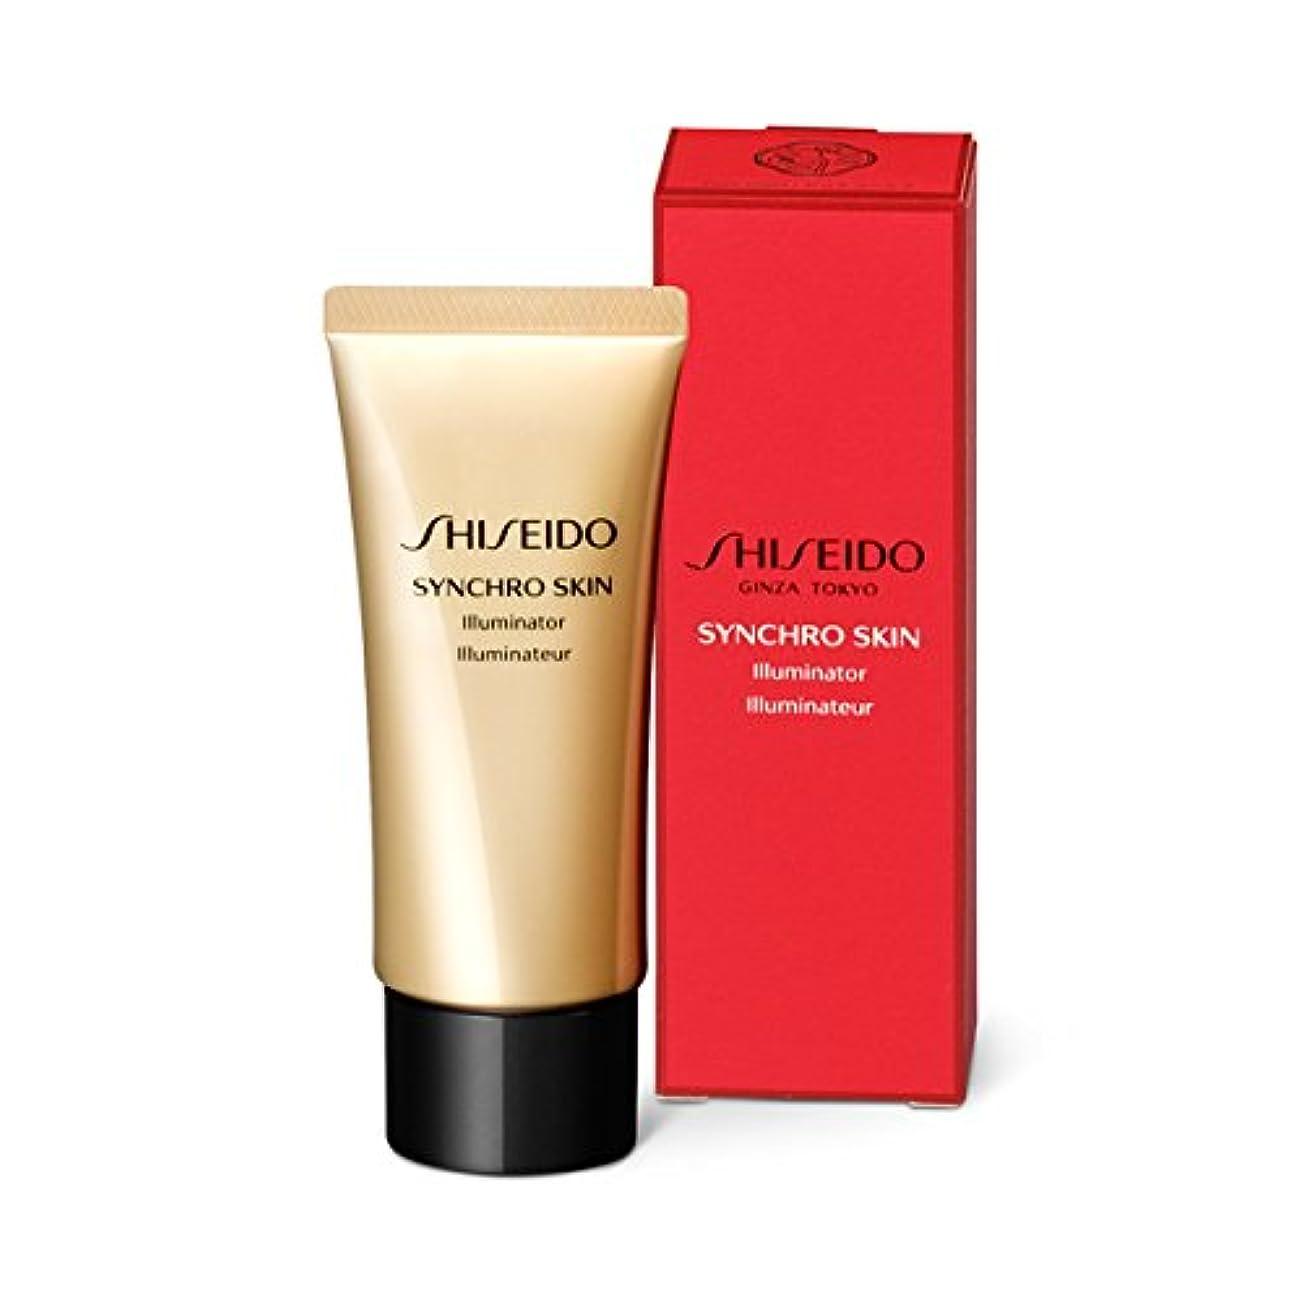 準備した不誠実明確にSHISEIDO Makeup(資生堂 メーキャップ) SHISEIDO(資生堂) シンクロスキン イルミネーター 40g (ピュアゴールド)